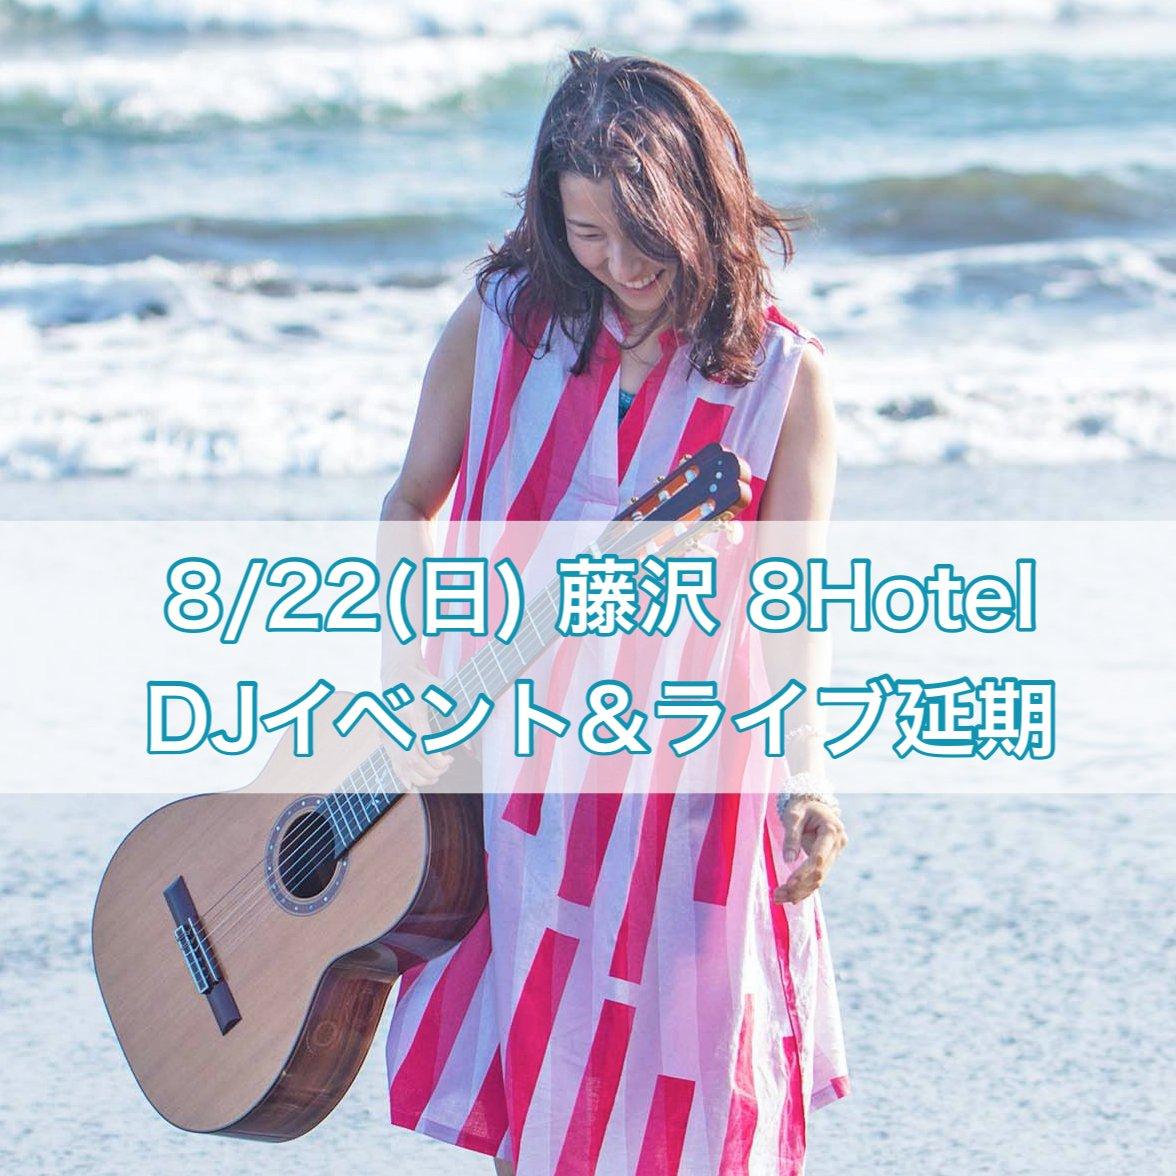 【延期】8/22 藤沢8HOTELライブ延期